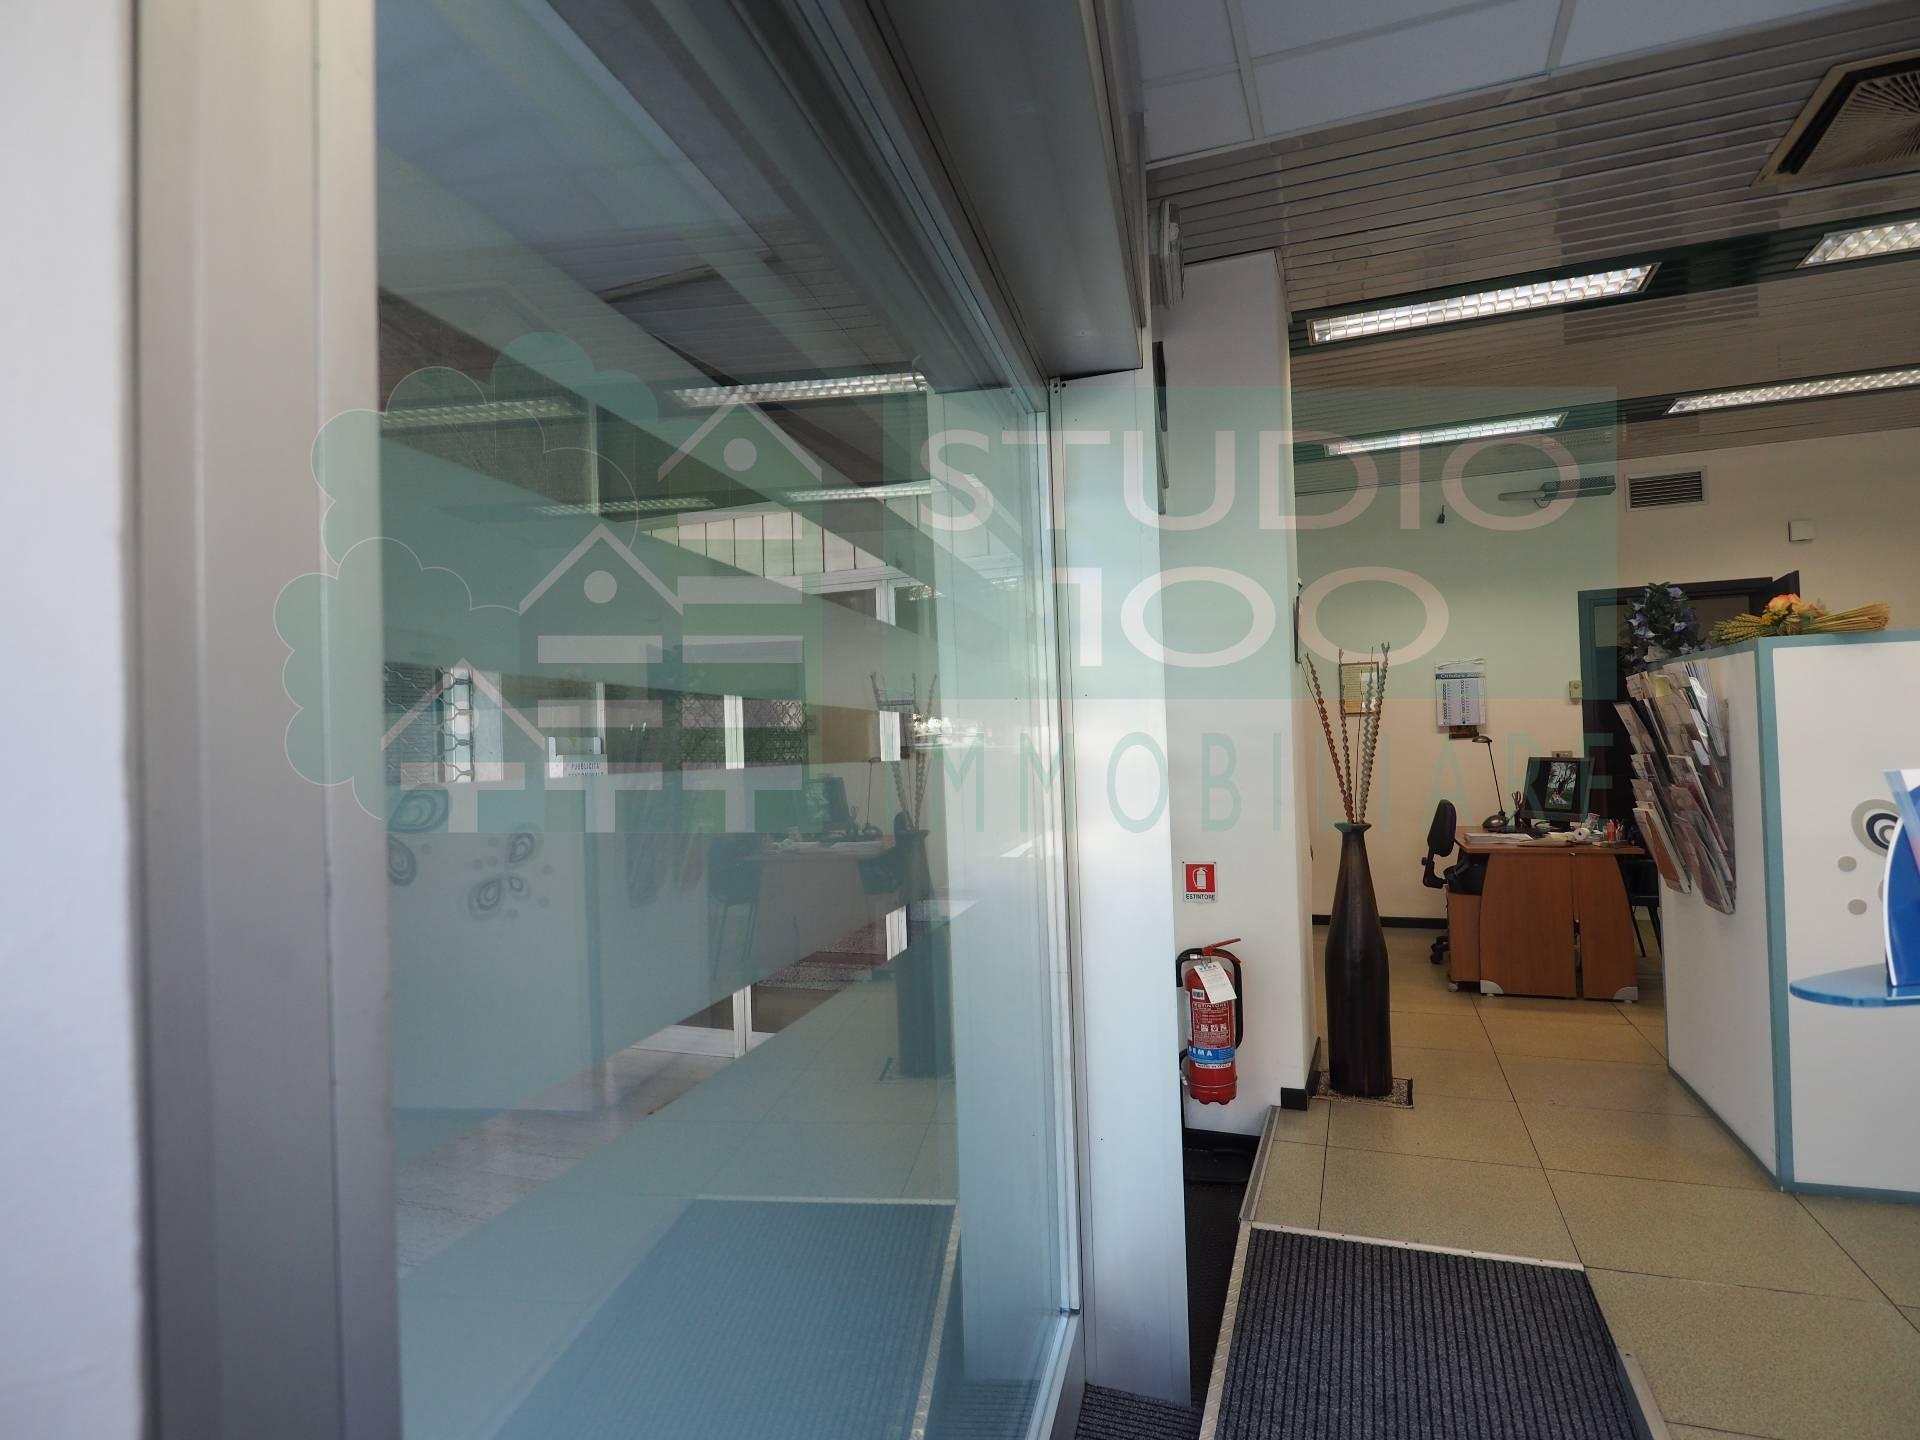 Attività / Licenza in vendita a Casorate Sempione, 9999 locali, prezzo € 35.000 | CambioCasa.it